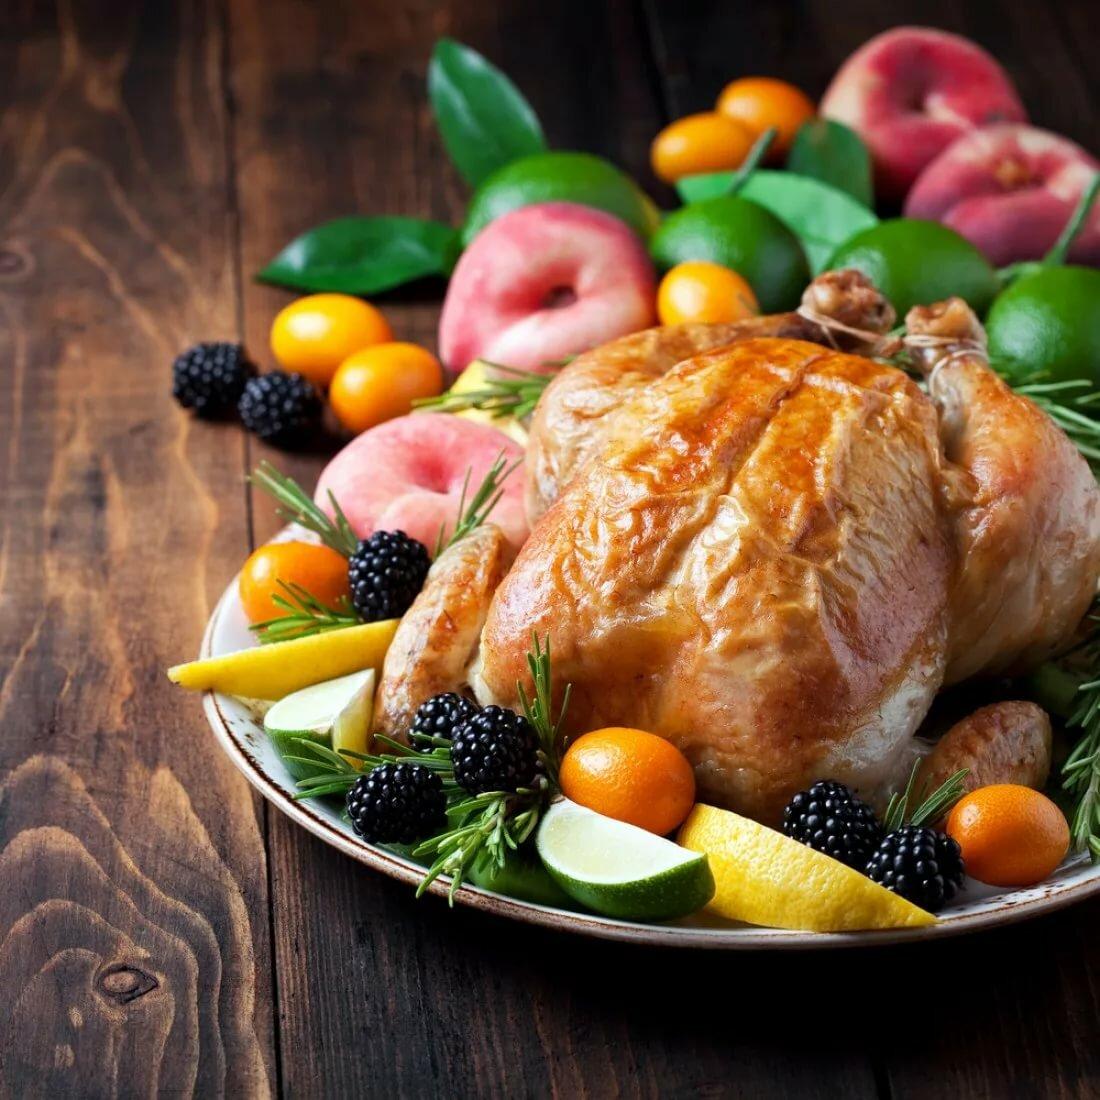 случилось картинки с блюдами из курицы движения существа